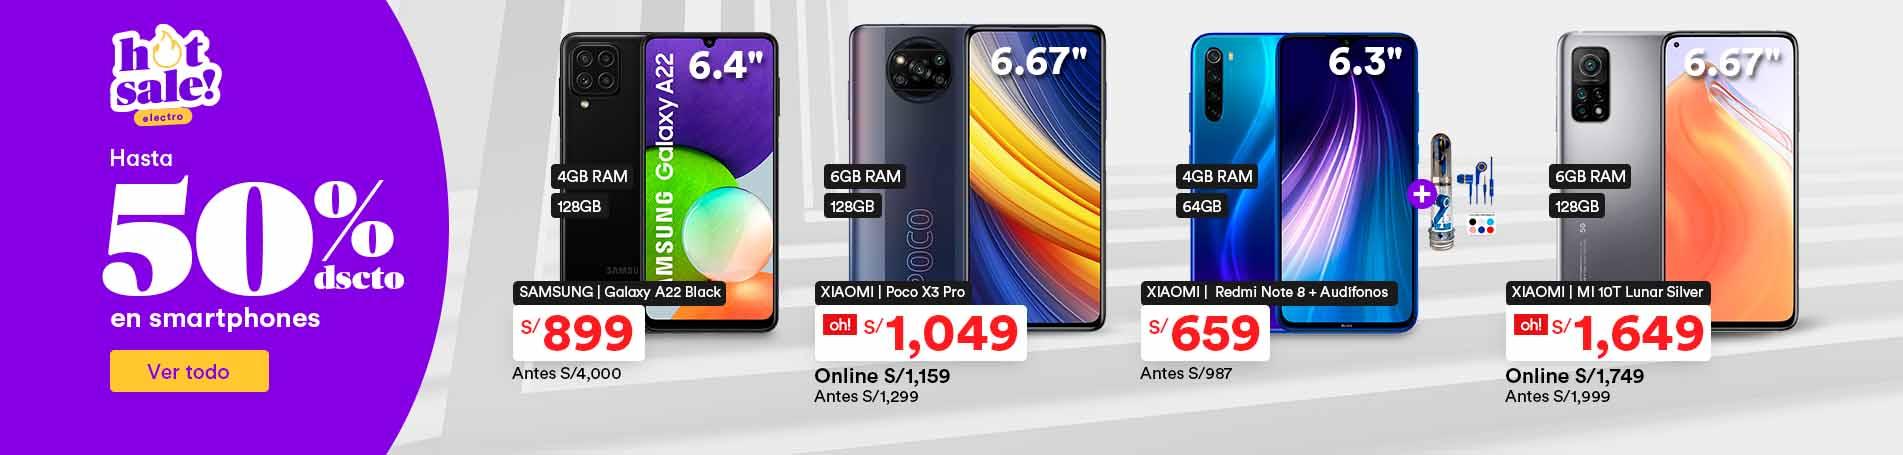 Hasta 50% en smartphones